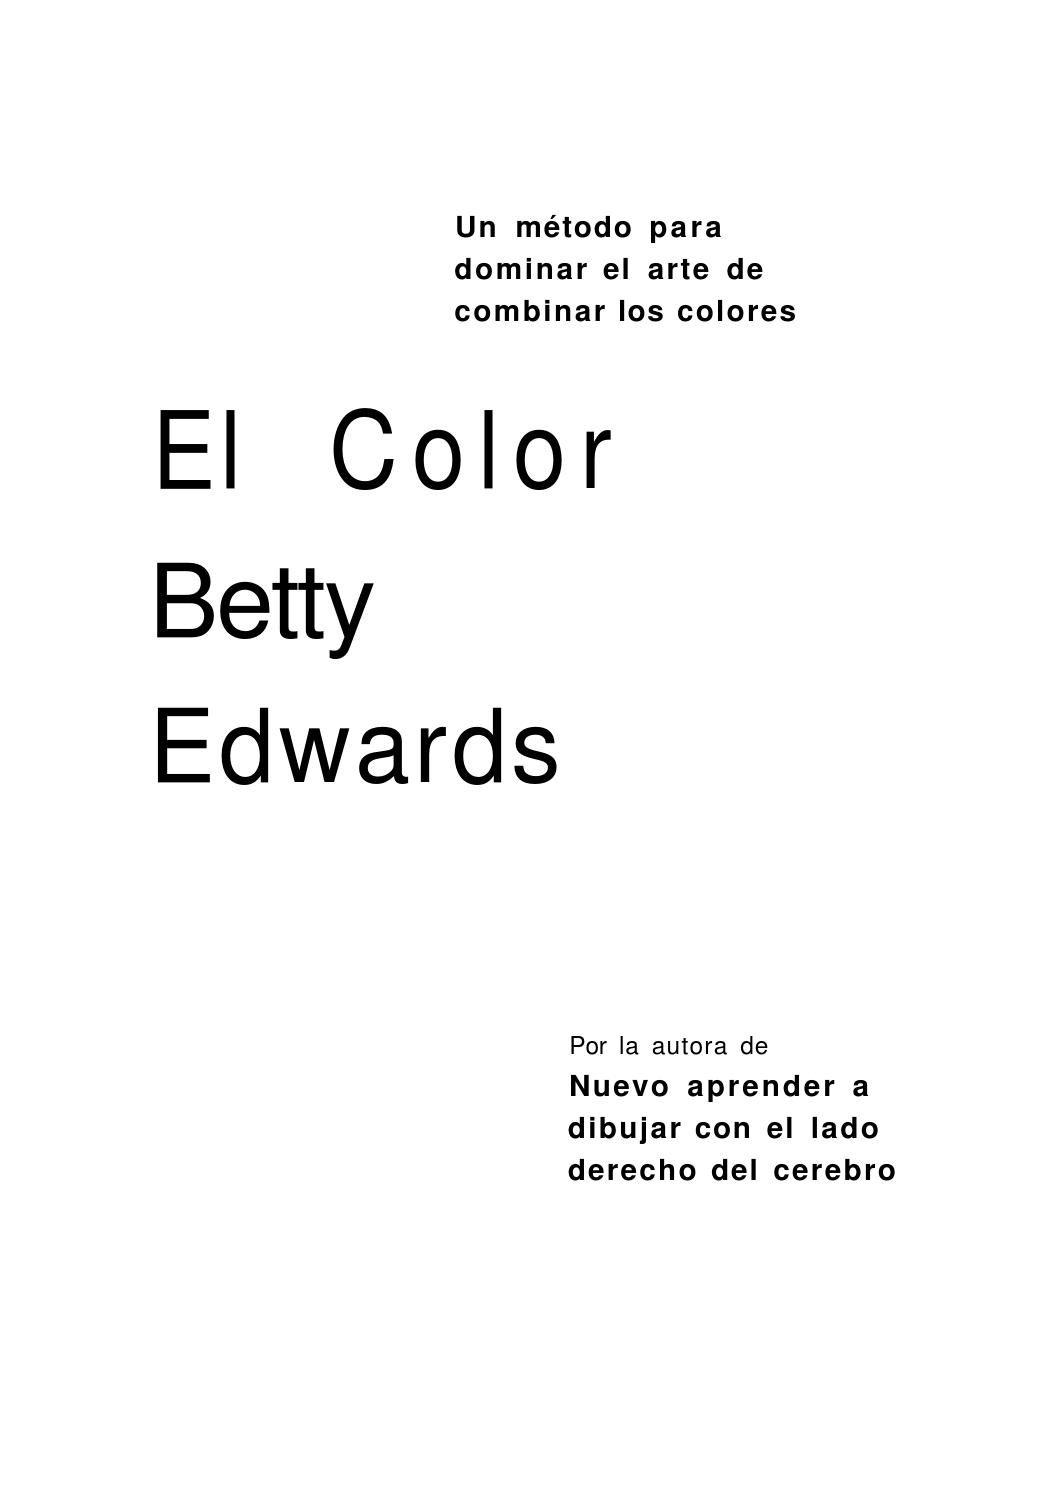 El color betty edwards | Pinterest | Círculos, El color y Sobres